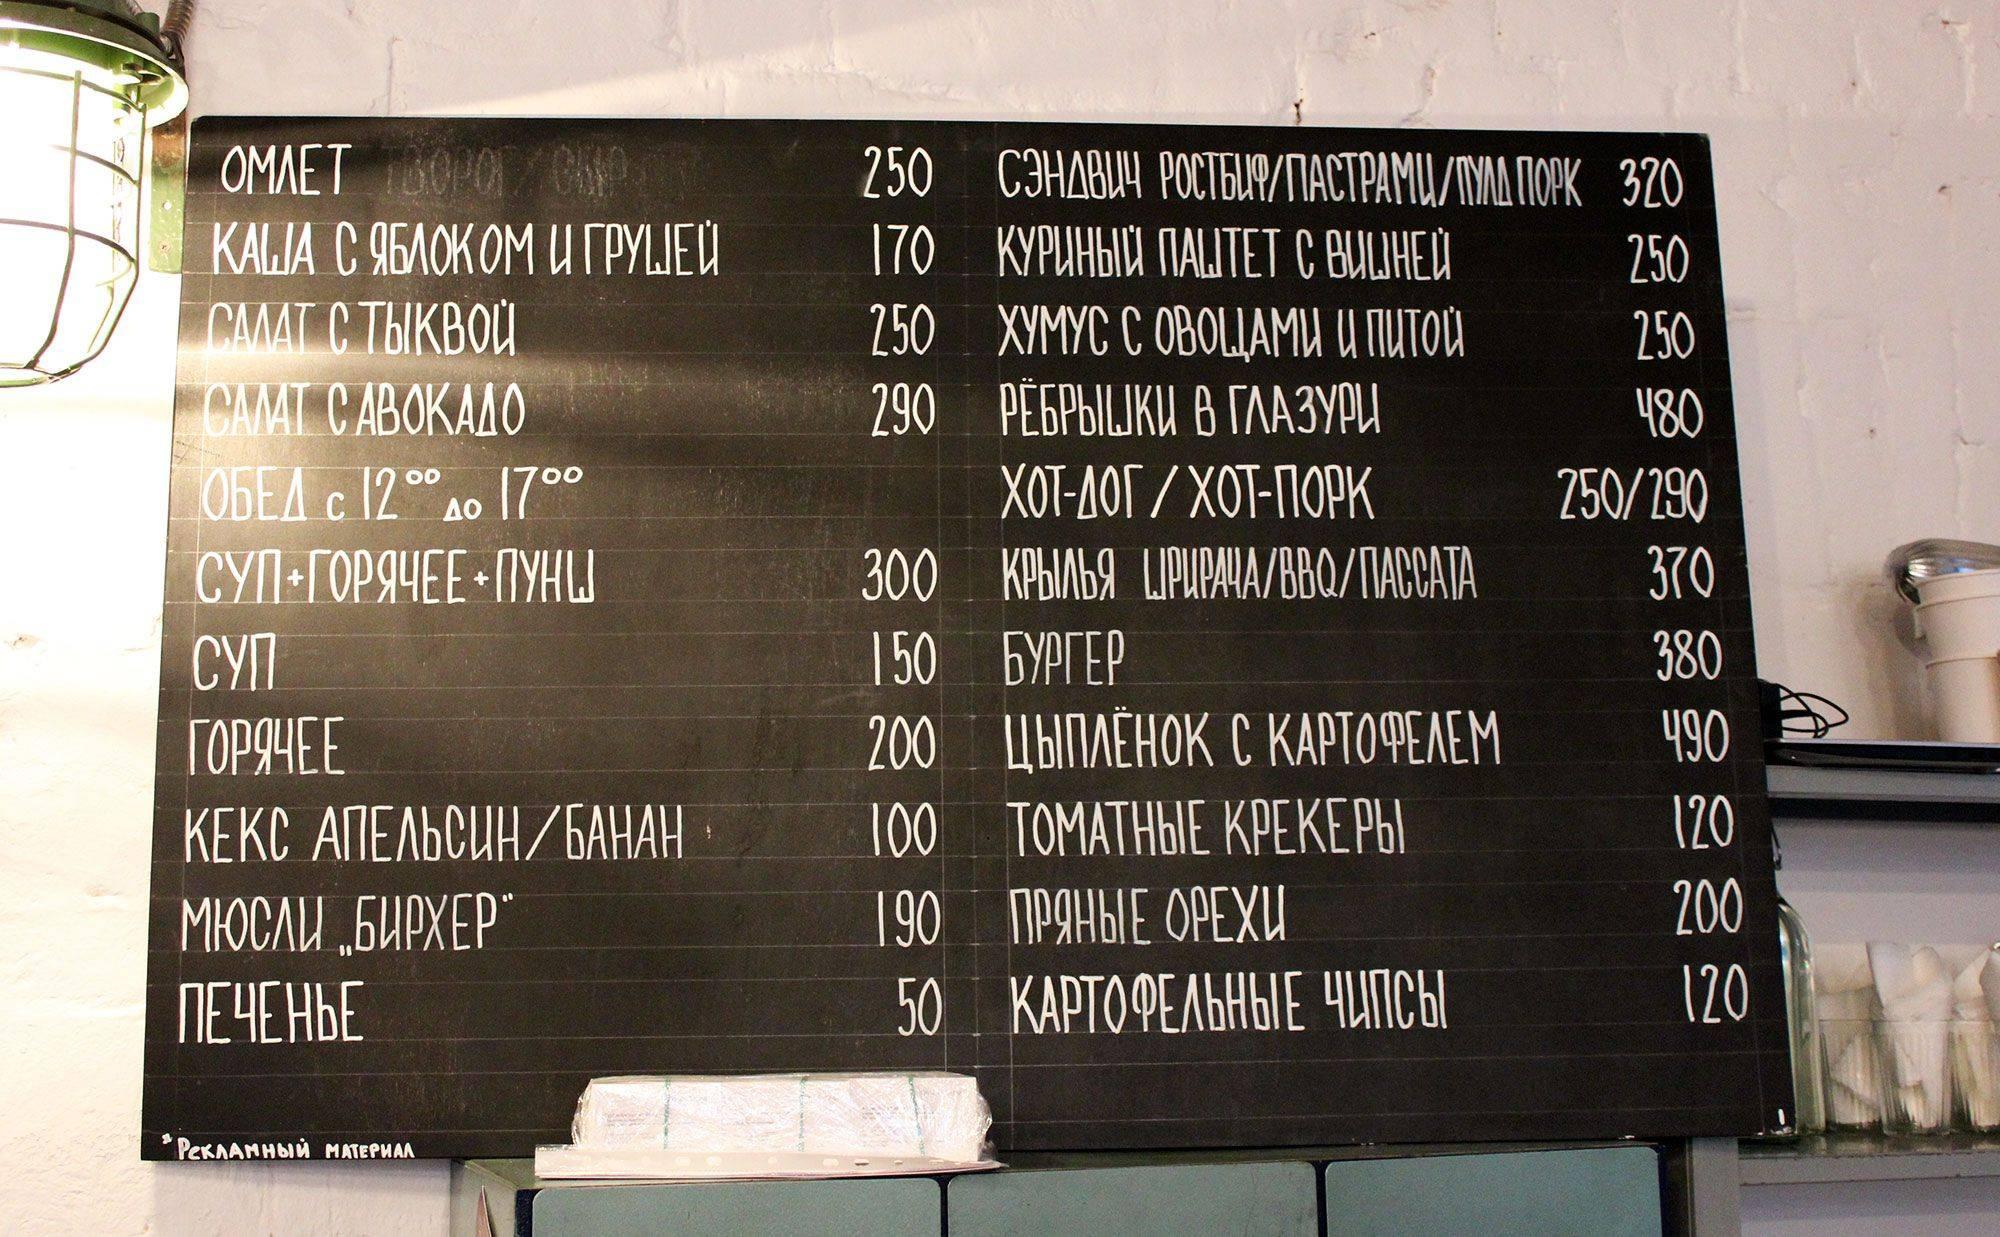 кофе в баре Прогресс на Белорусской, цены на кофе